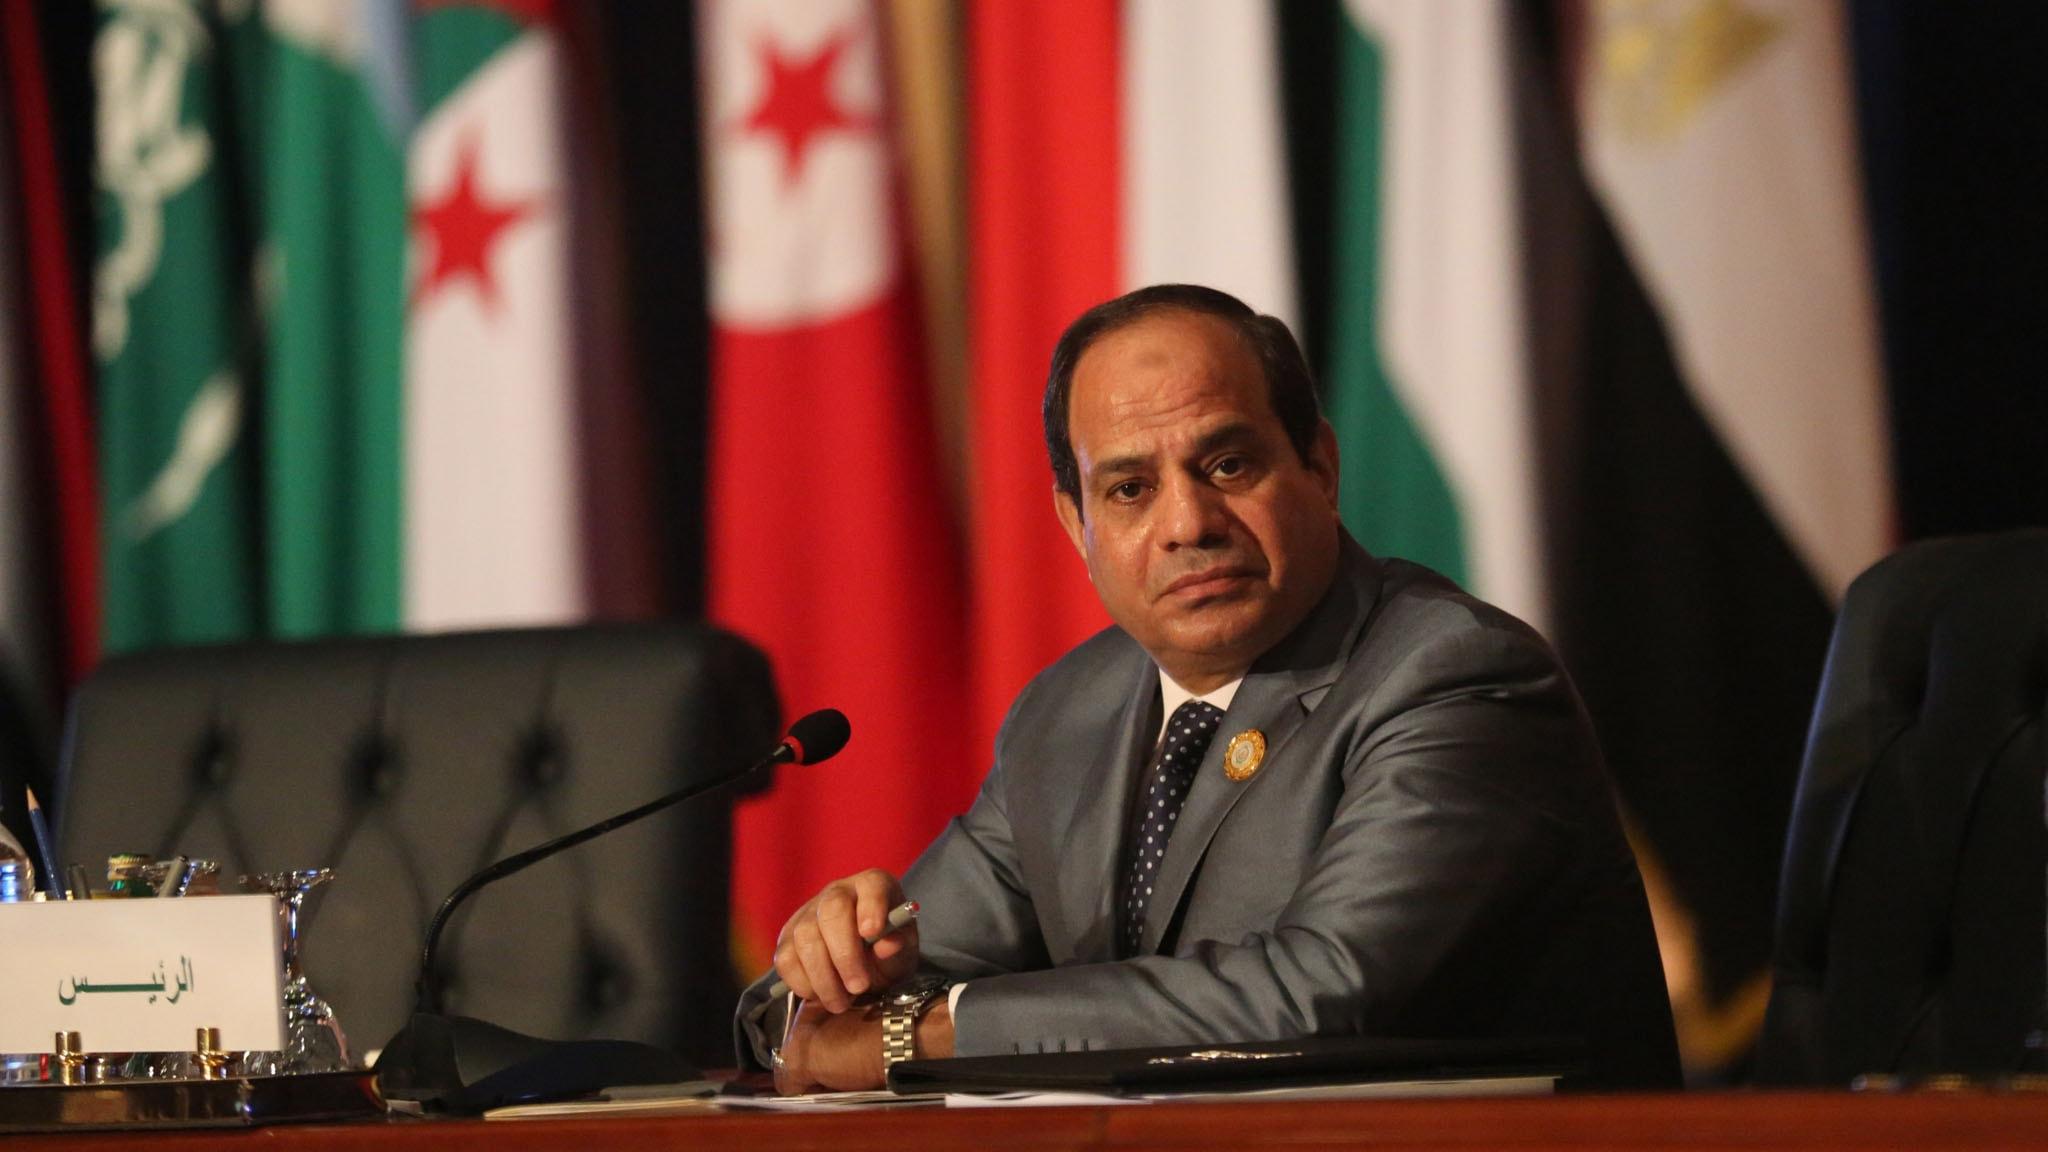 Presidenten, folket och islam